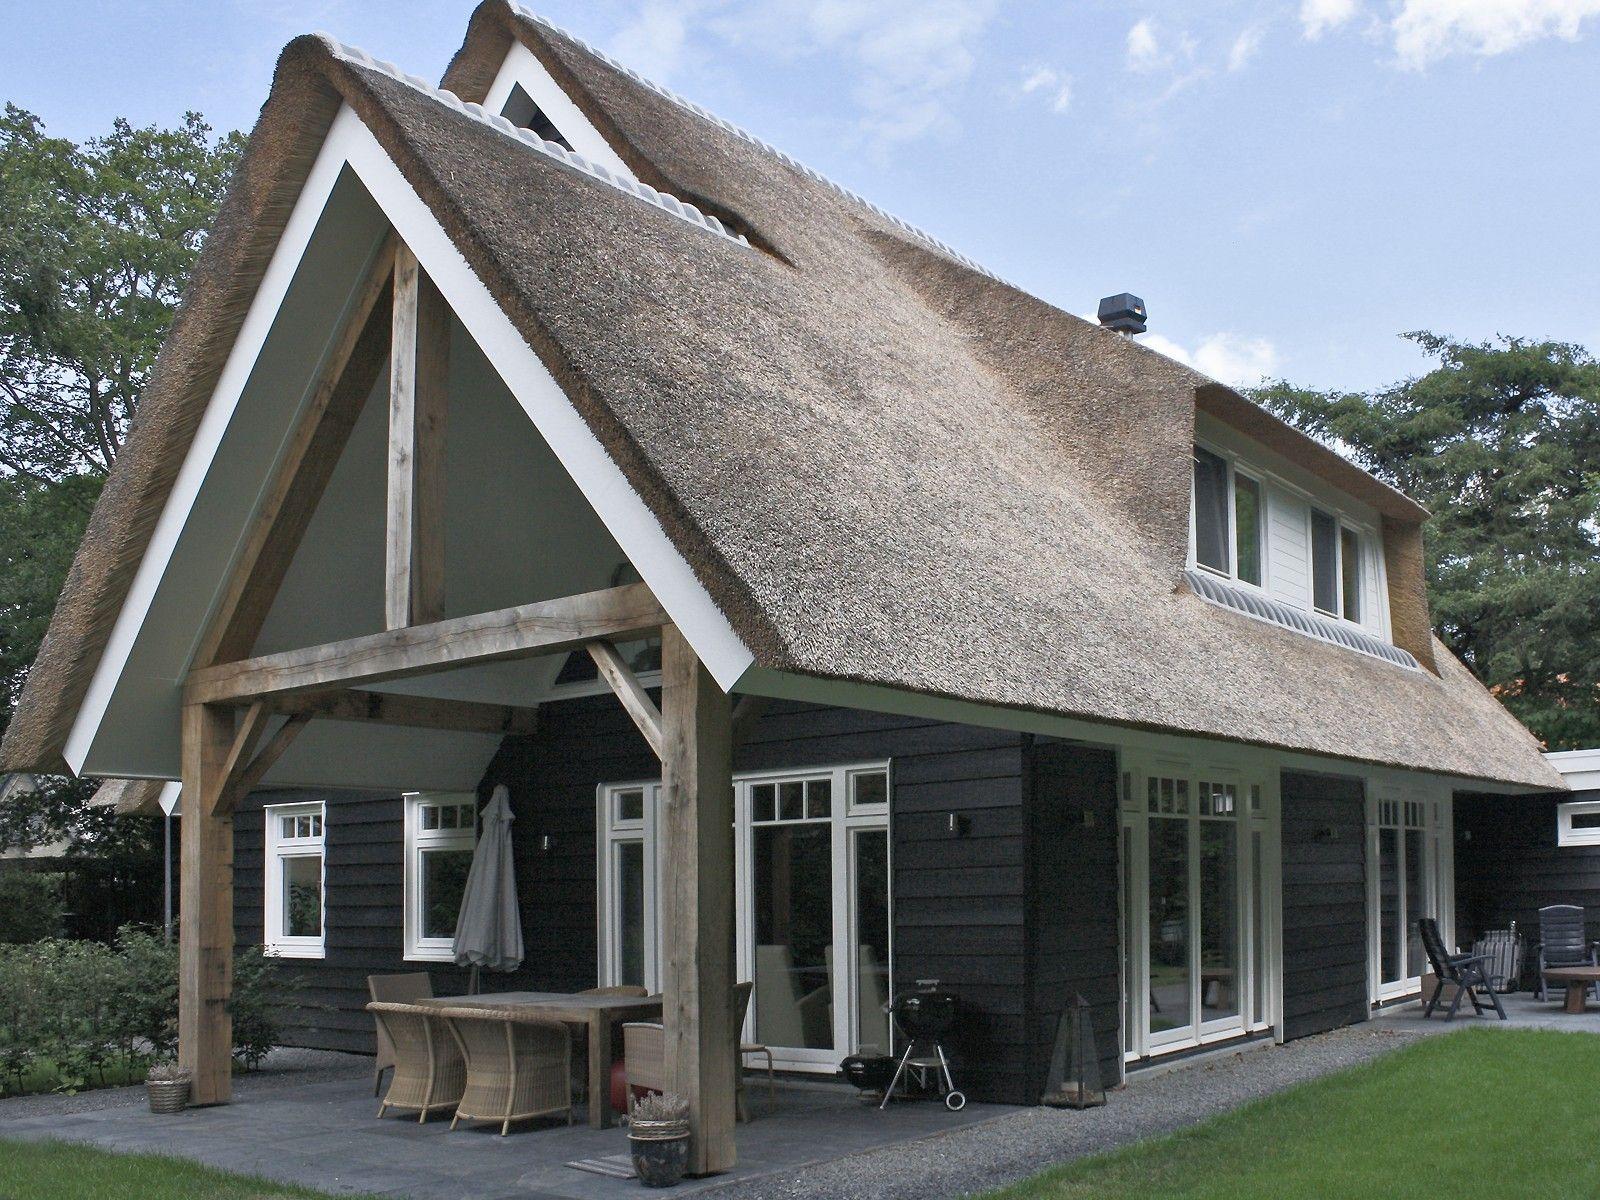 Building design architectuur kijk voor afwerking rietenkap woonboerderij - Architectuur en constructie ...